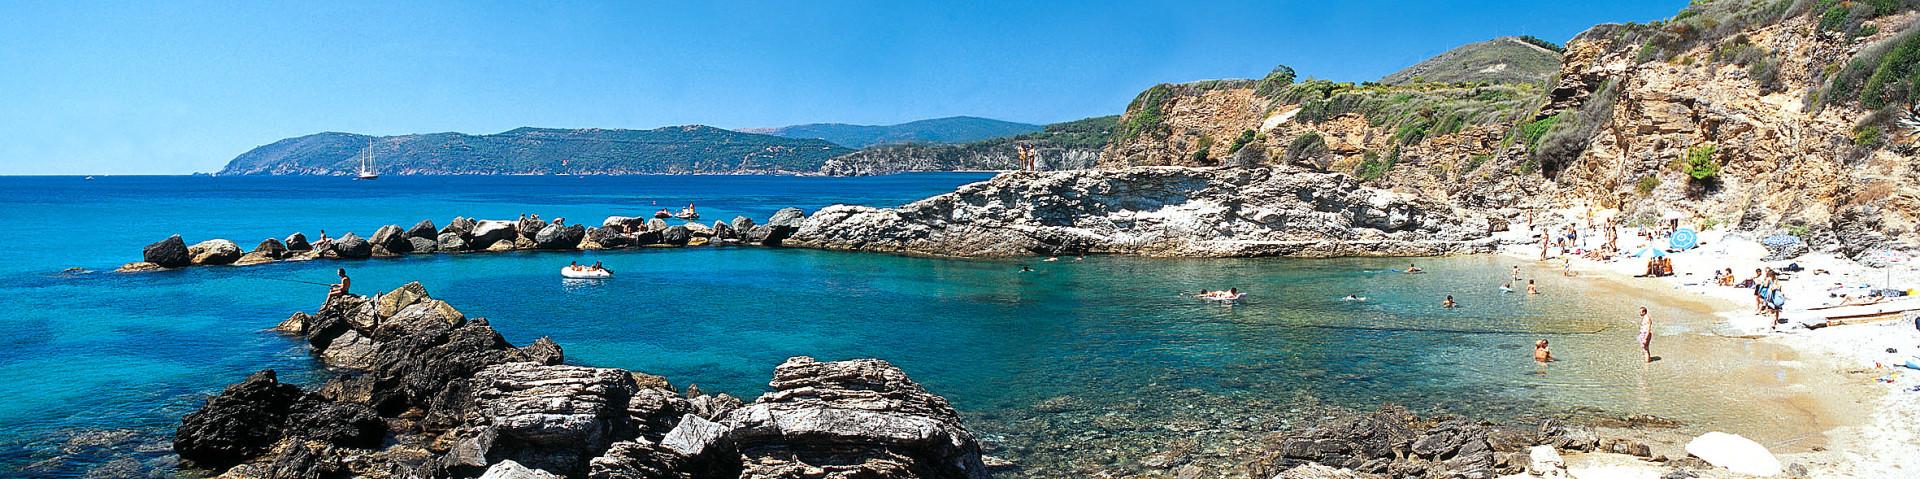 Capoliveri, pláž Felciaio